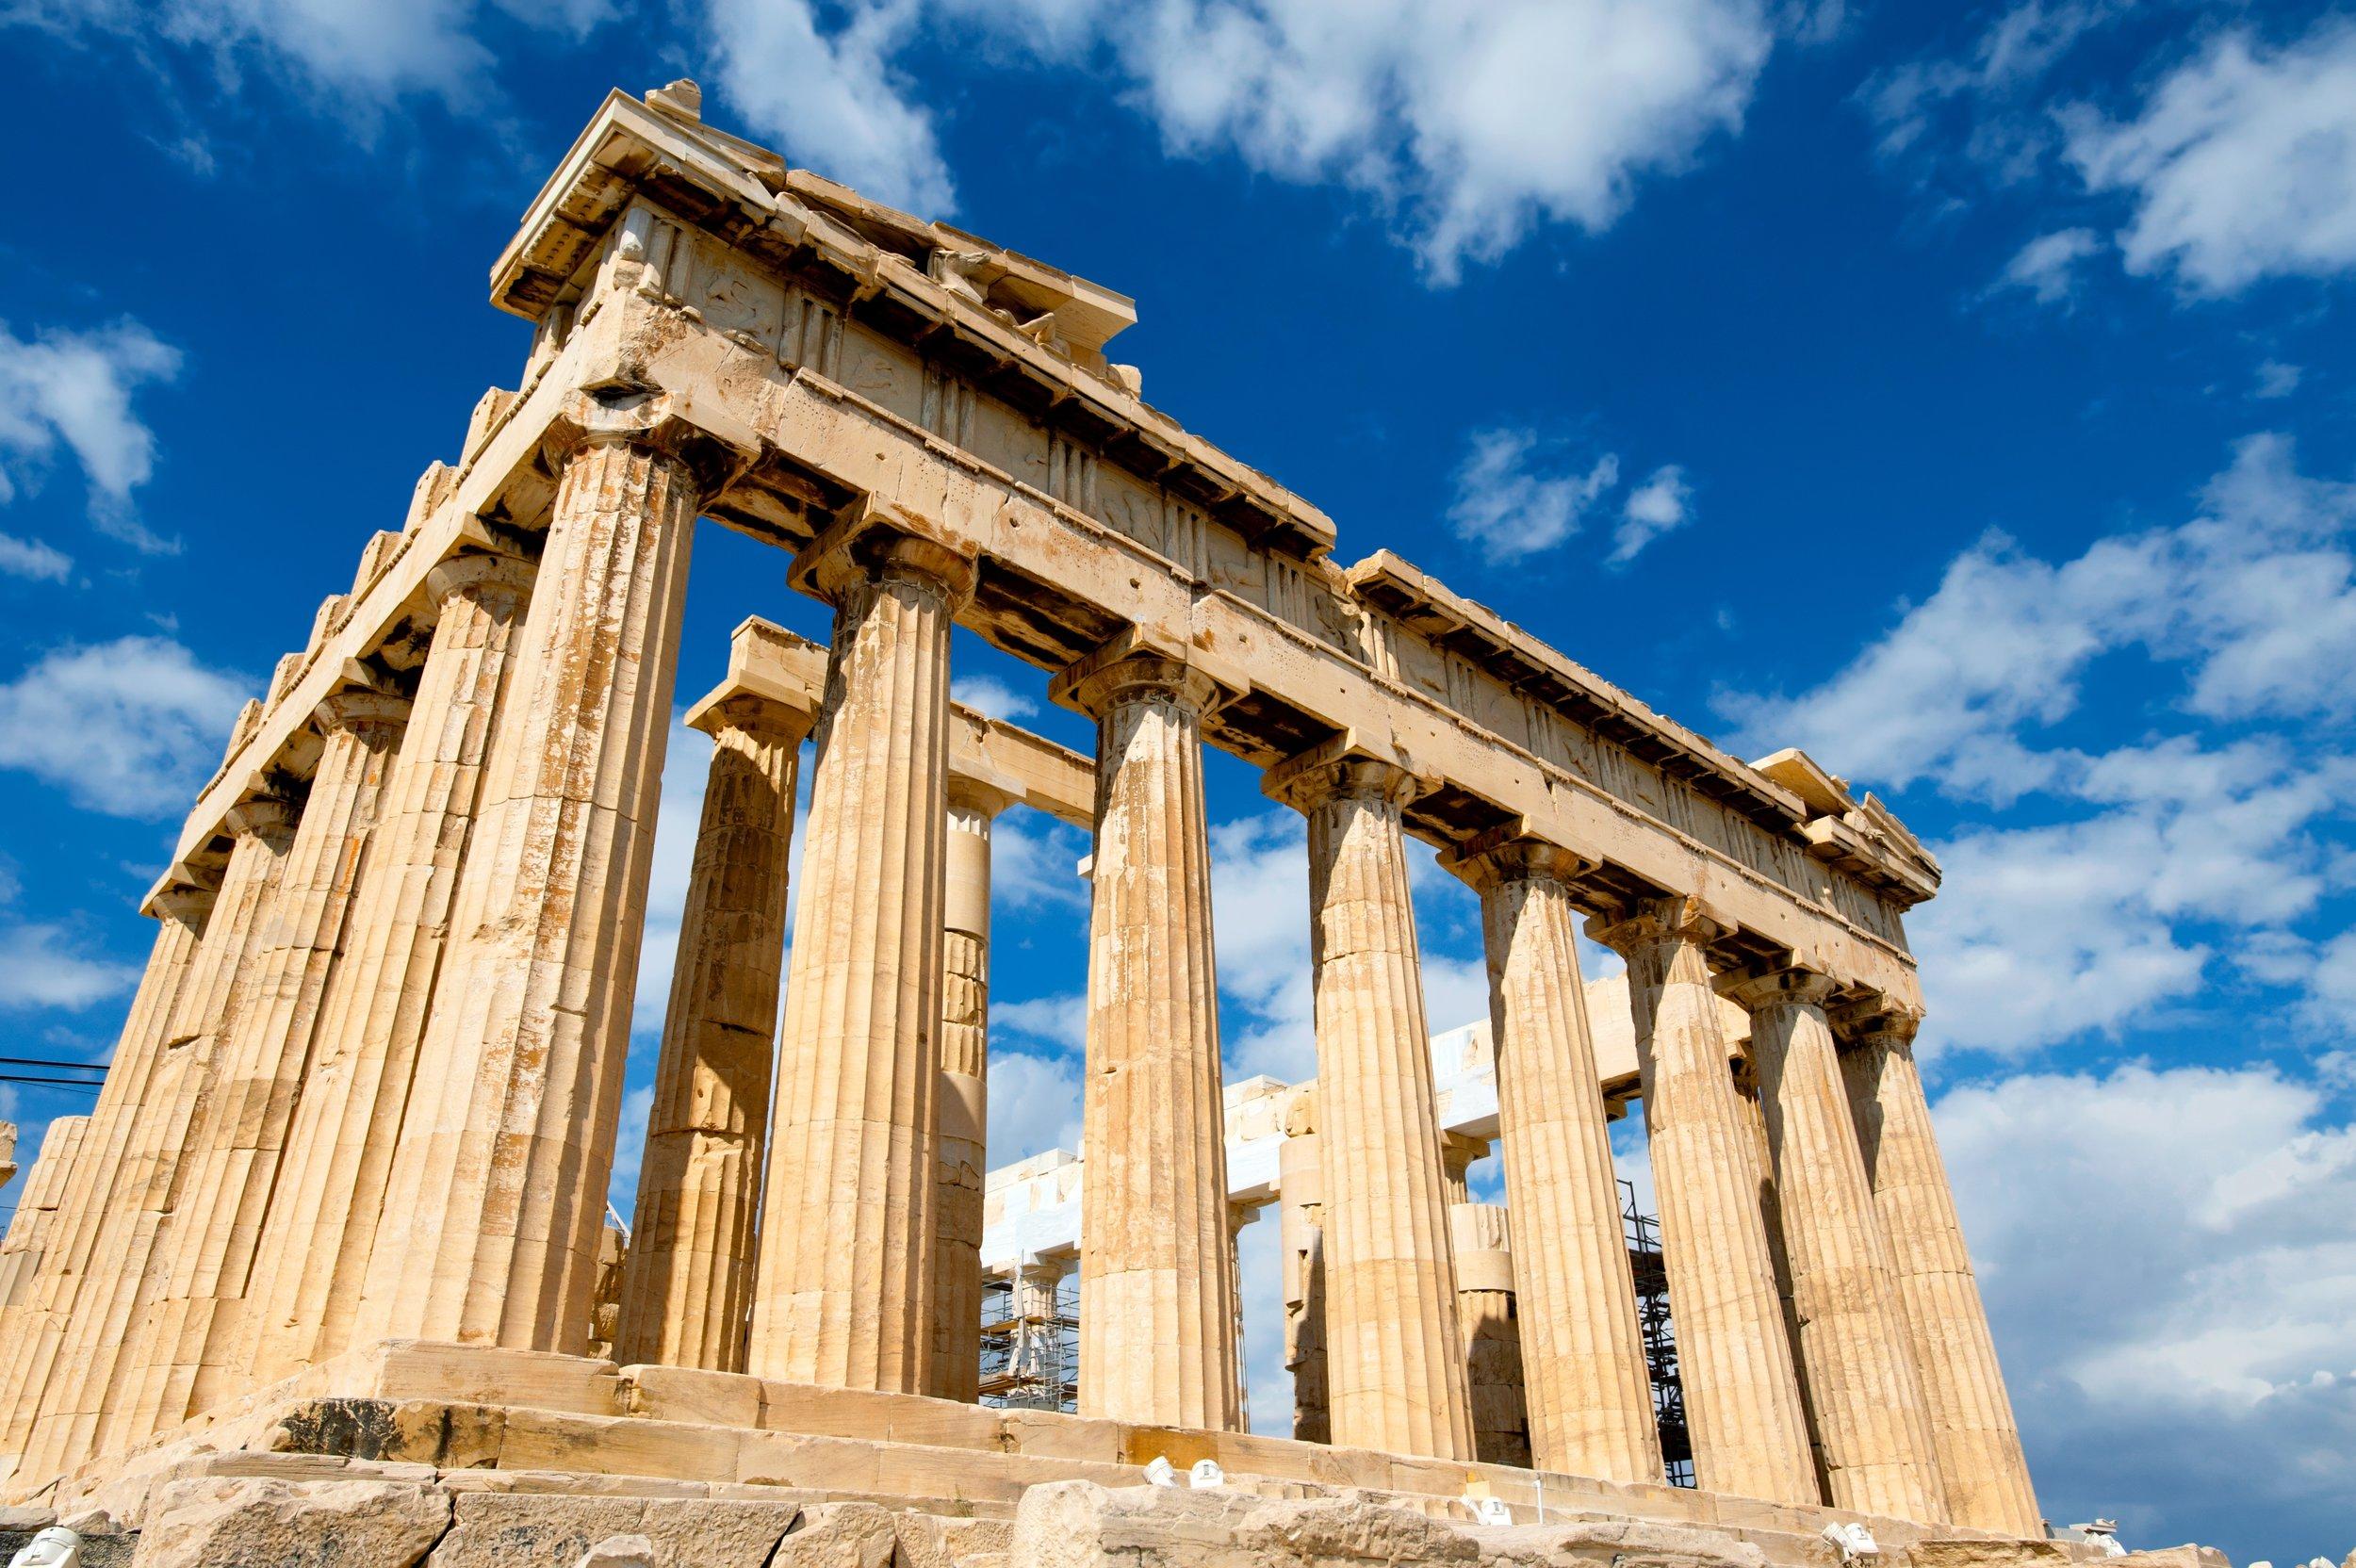 The Parthenon, Athens